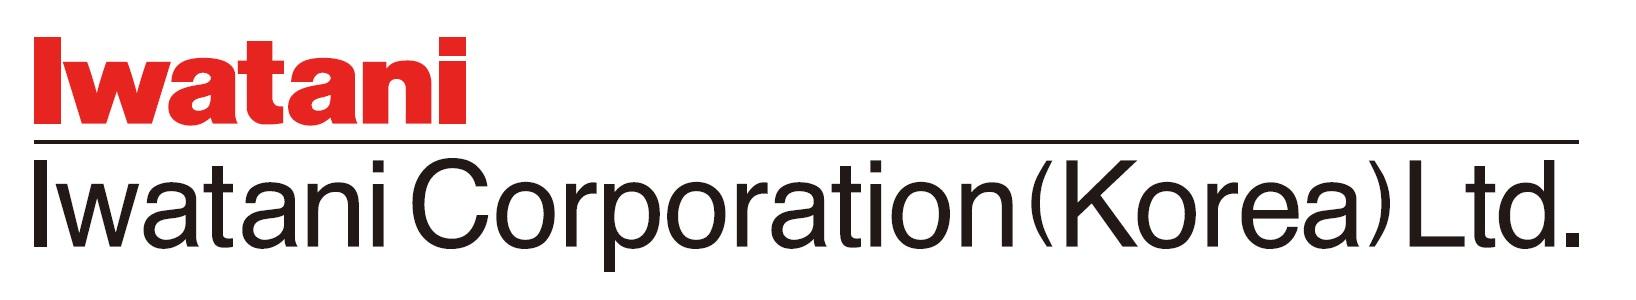 한국이와타니산업(주)의 기업로고